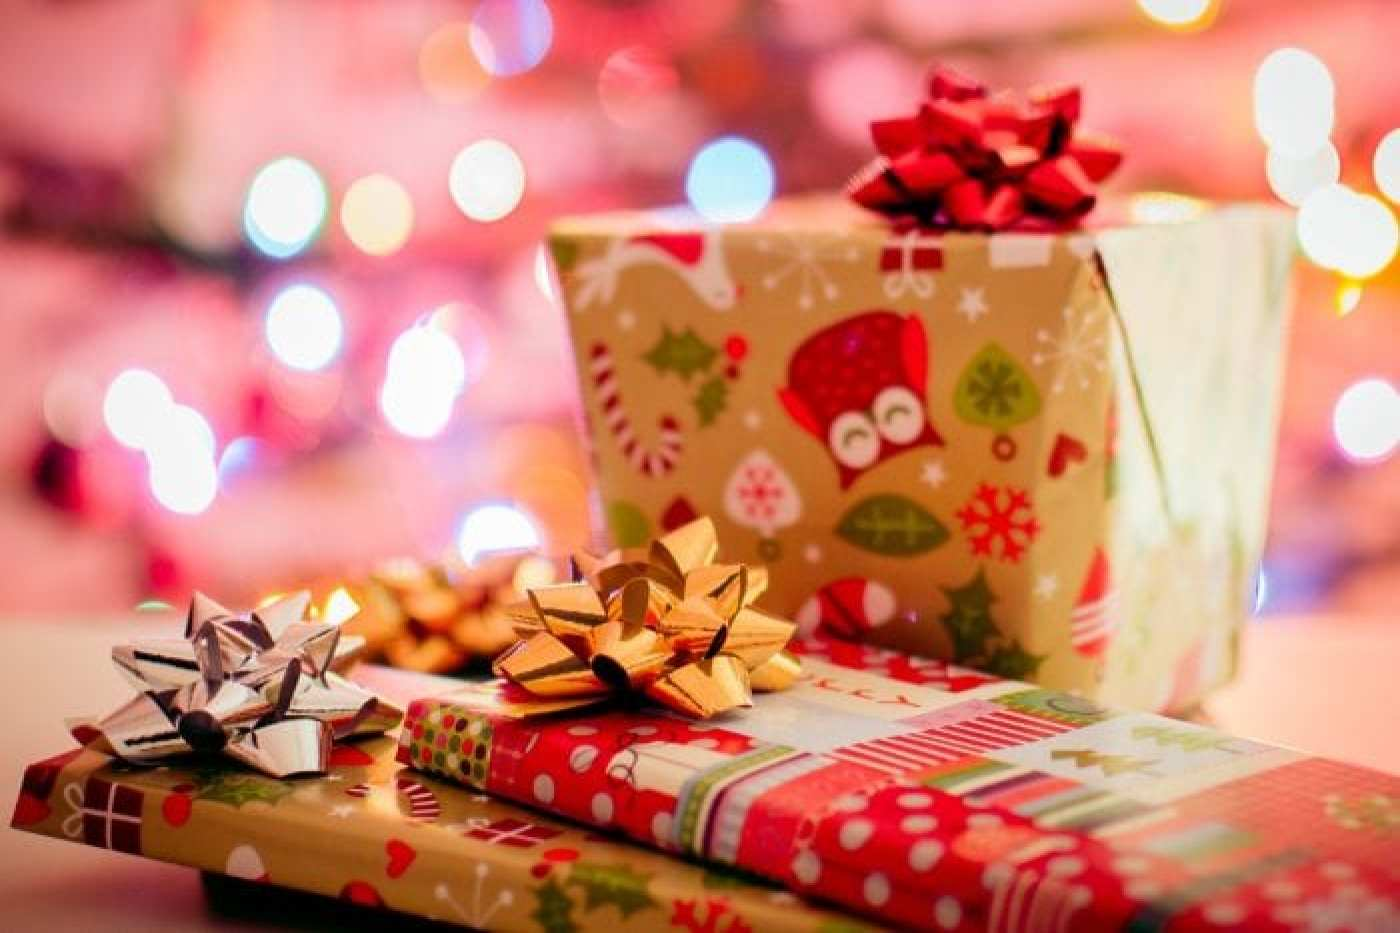 Christmas-wrapping